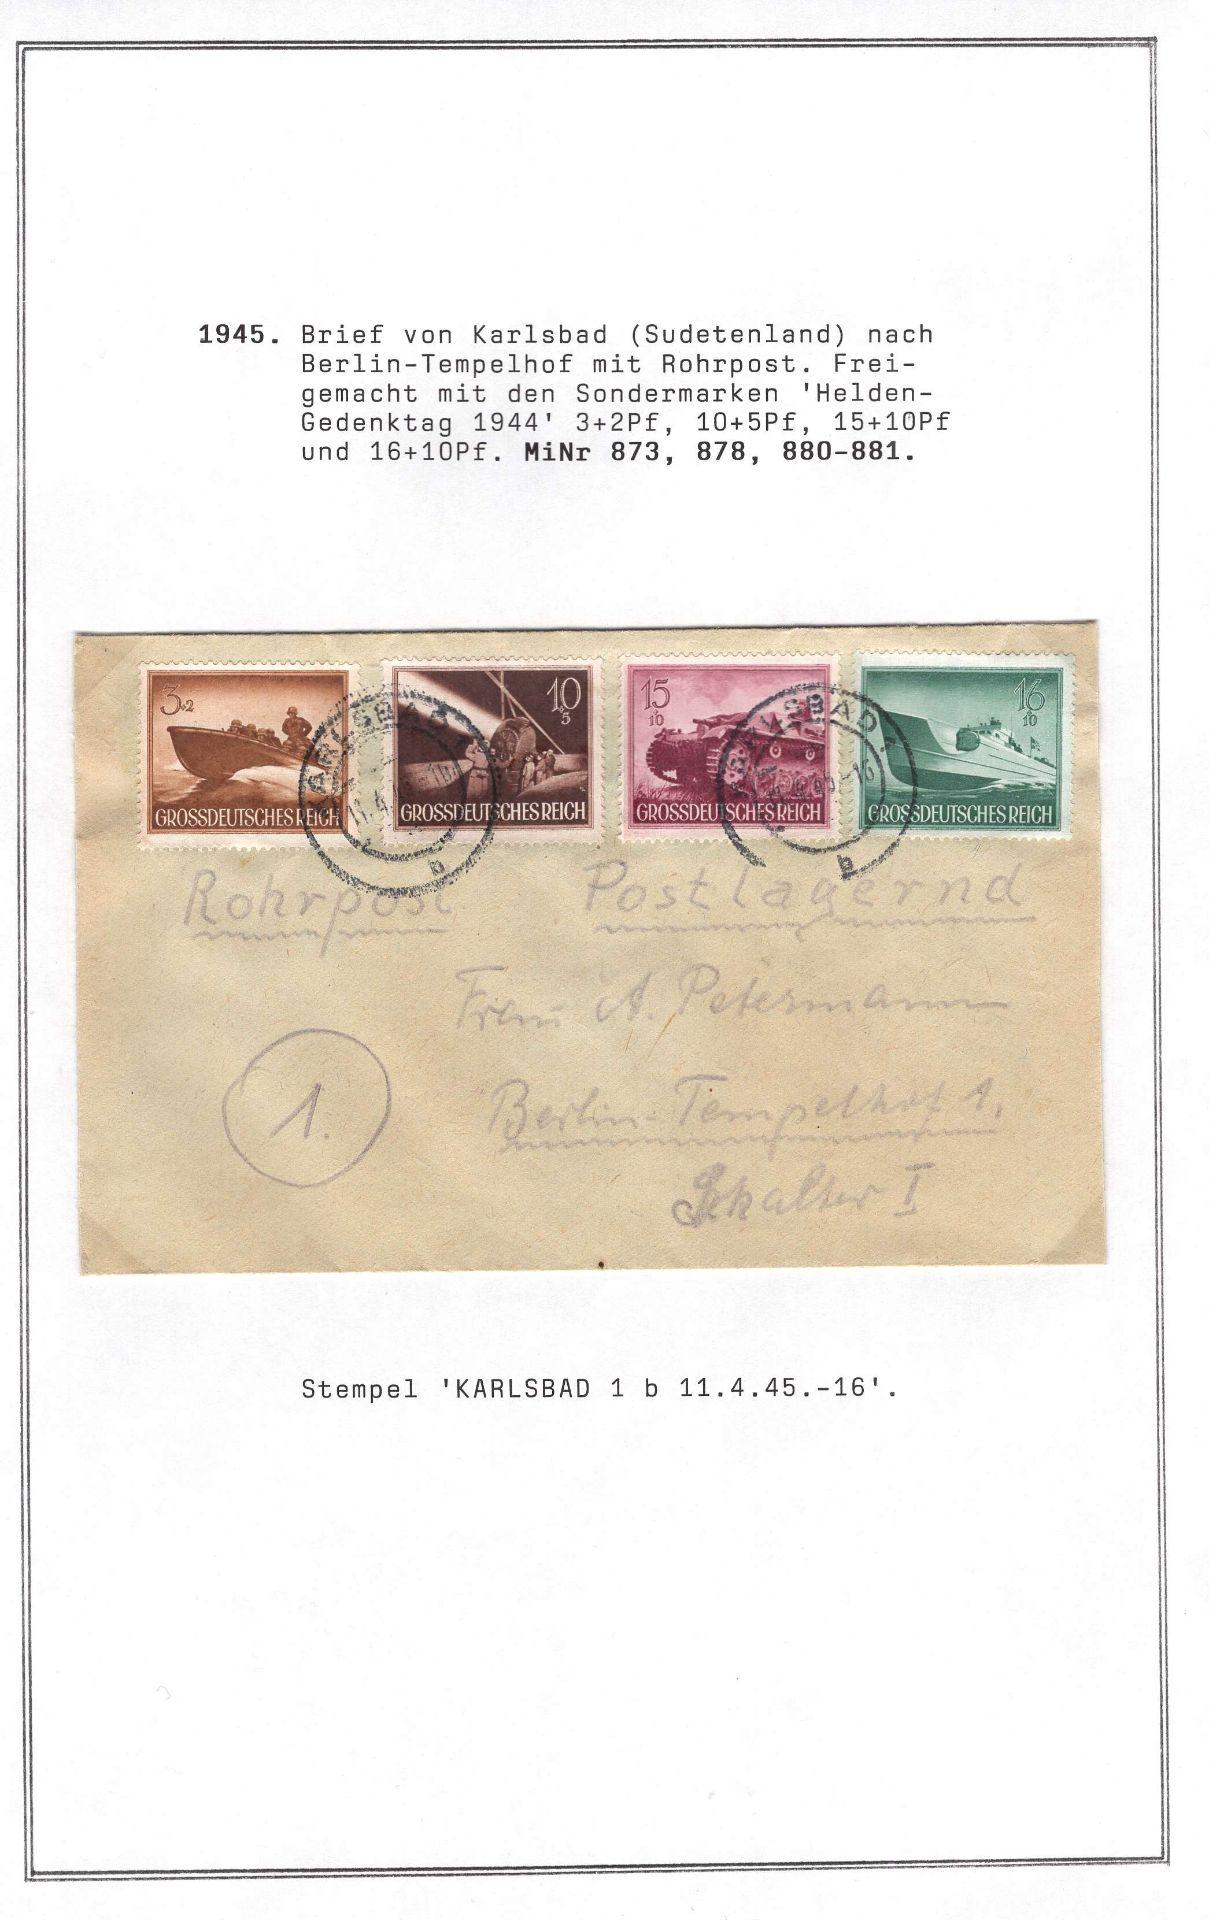 Deutsches Reich 1945, Rohrpostbrief, postlagernd mit Mi. - Nr. 873, 878, 880/01, gelaufen vom